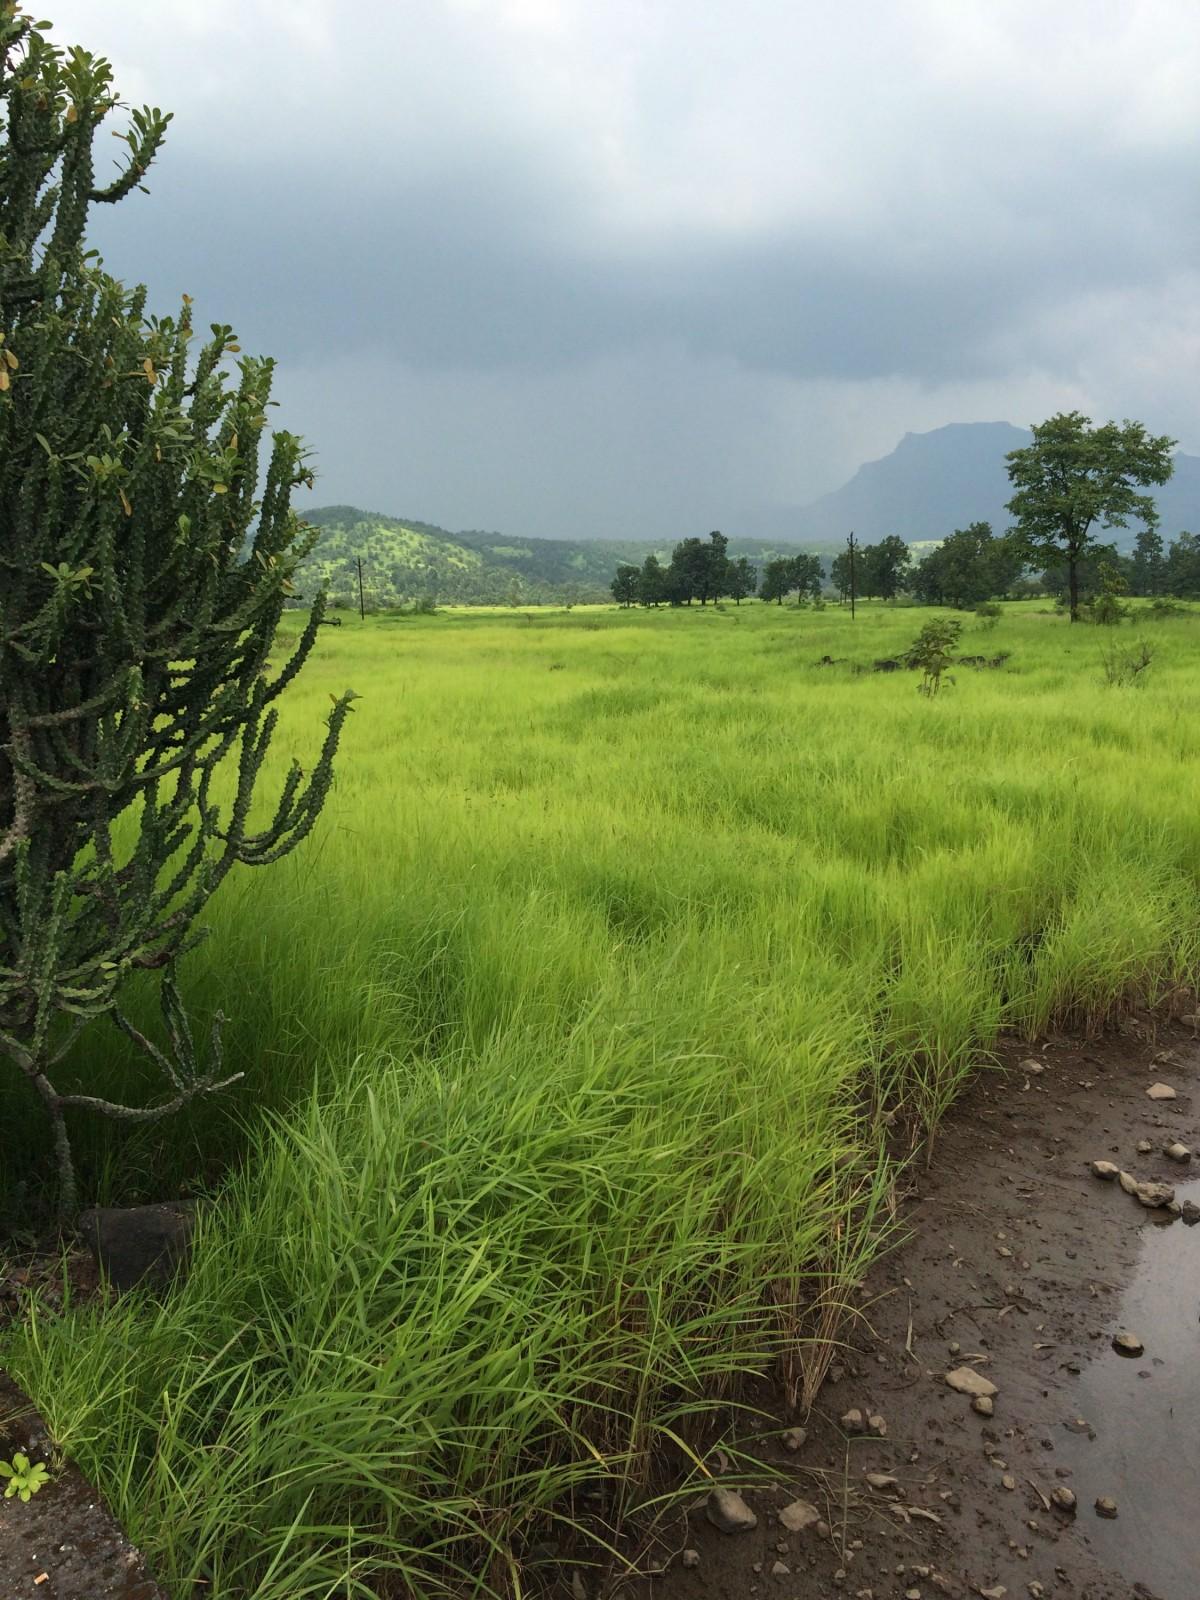 Kudal at Nandgaon